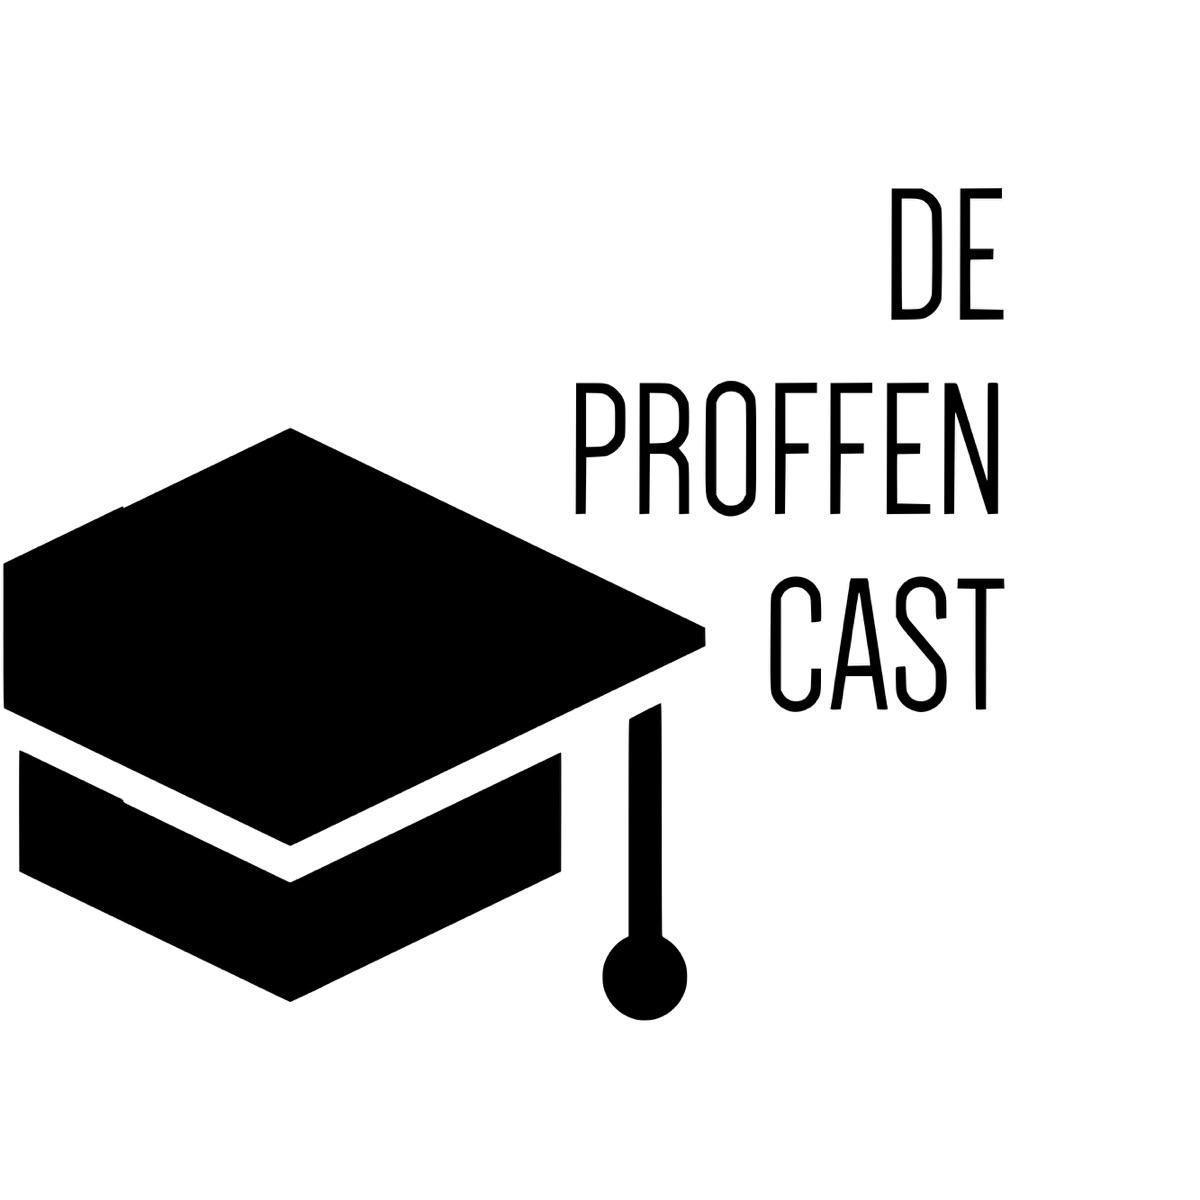 De Proffencast